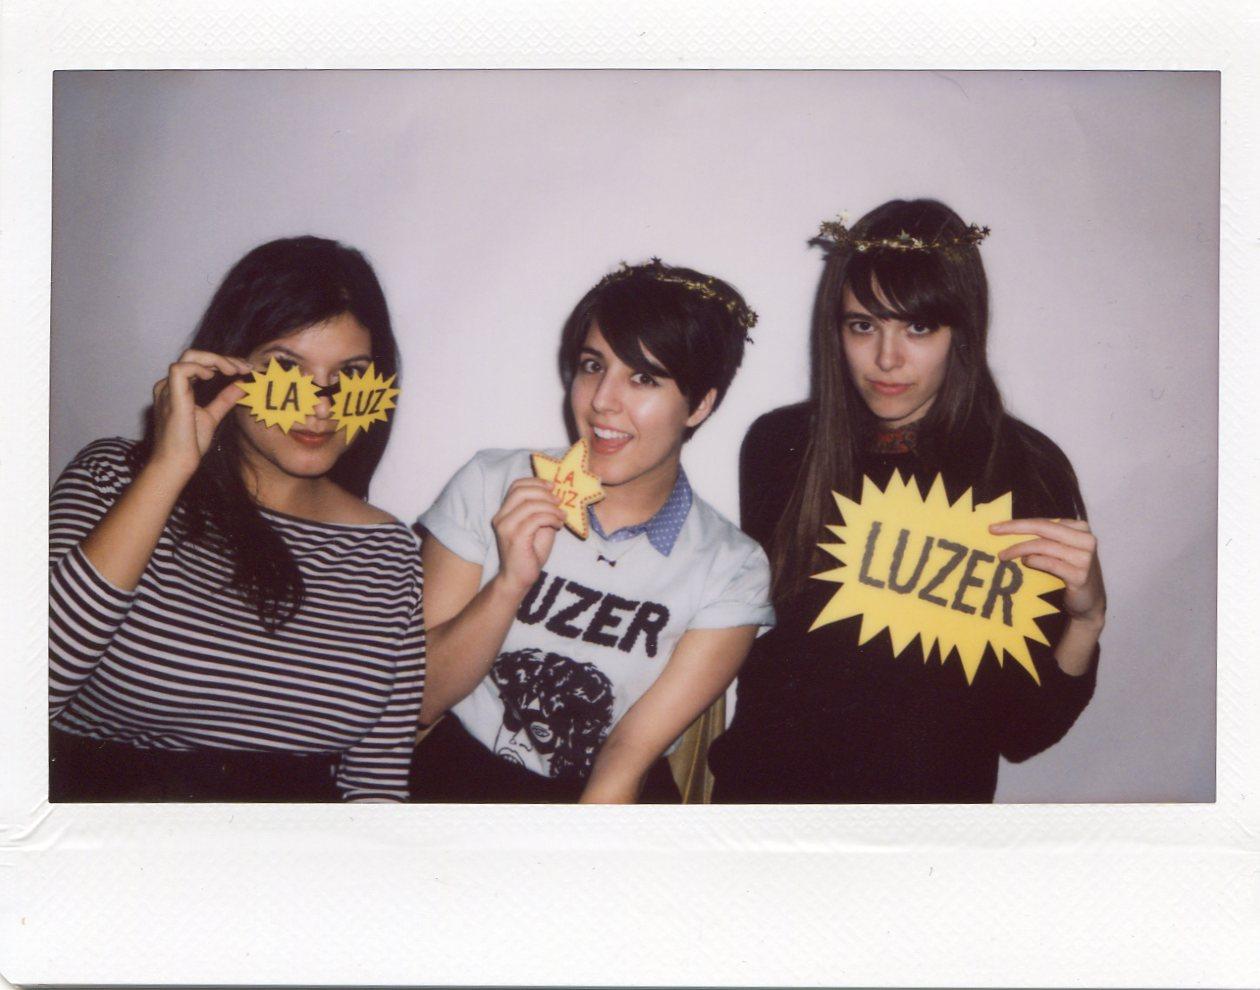 Honey Power luzers - Mukta, Chelsea & Justine